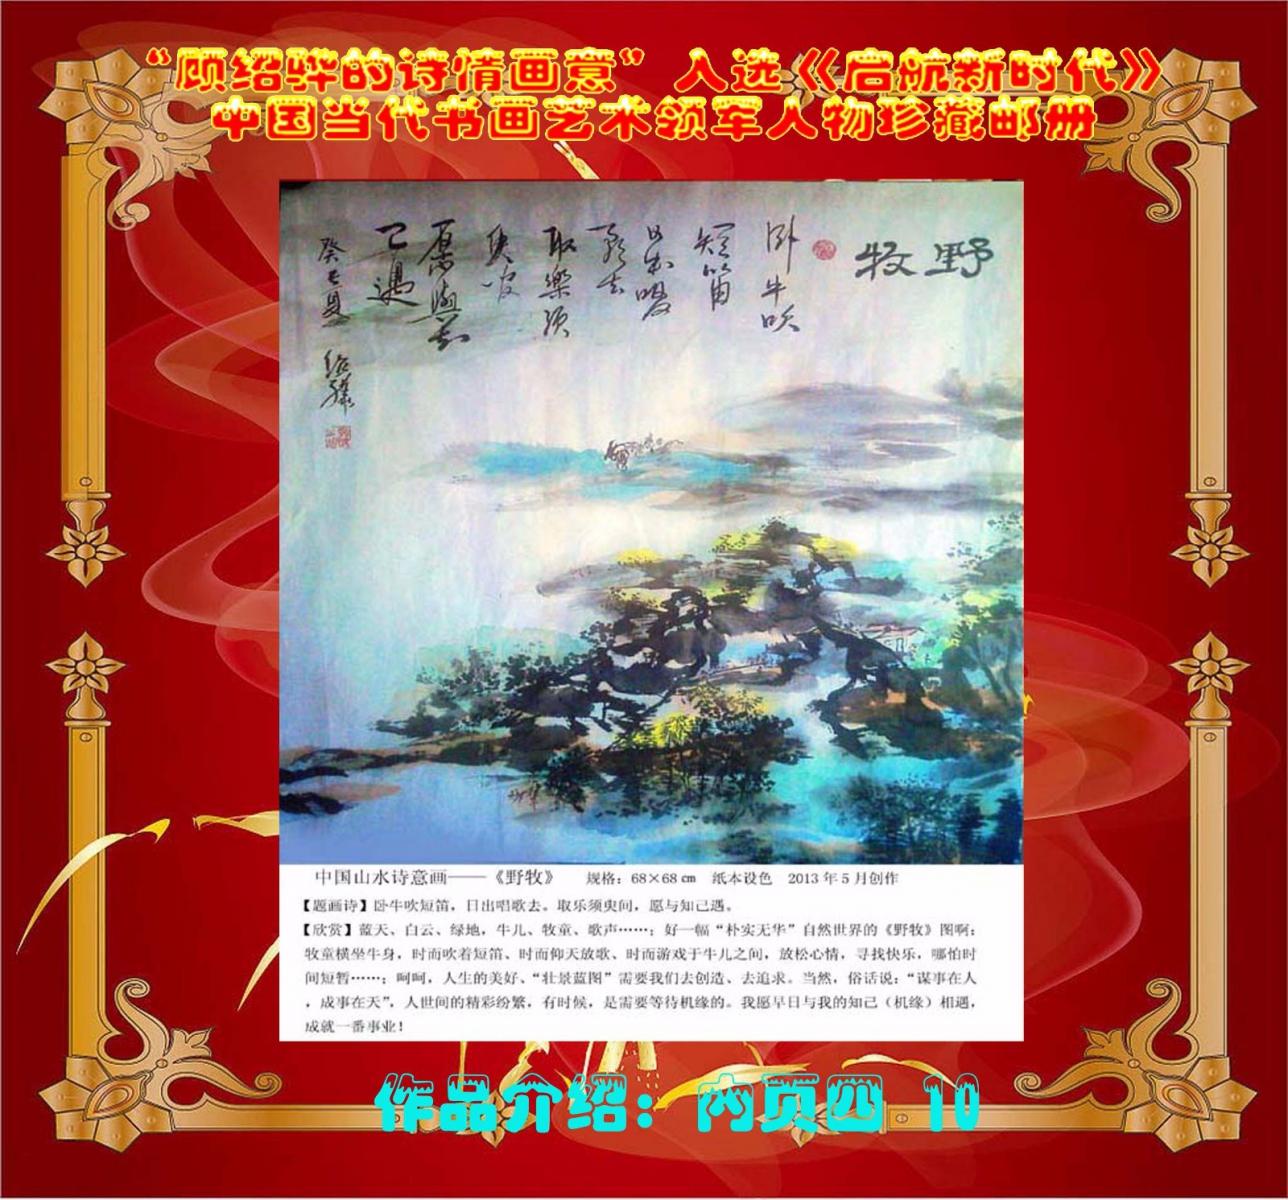 """""""顾绍骅的诗情画意""""入选《启航新时代》中国当代书画艺术领军人物珍藏集邮册 ... ..._图1-14"""